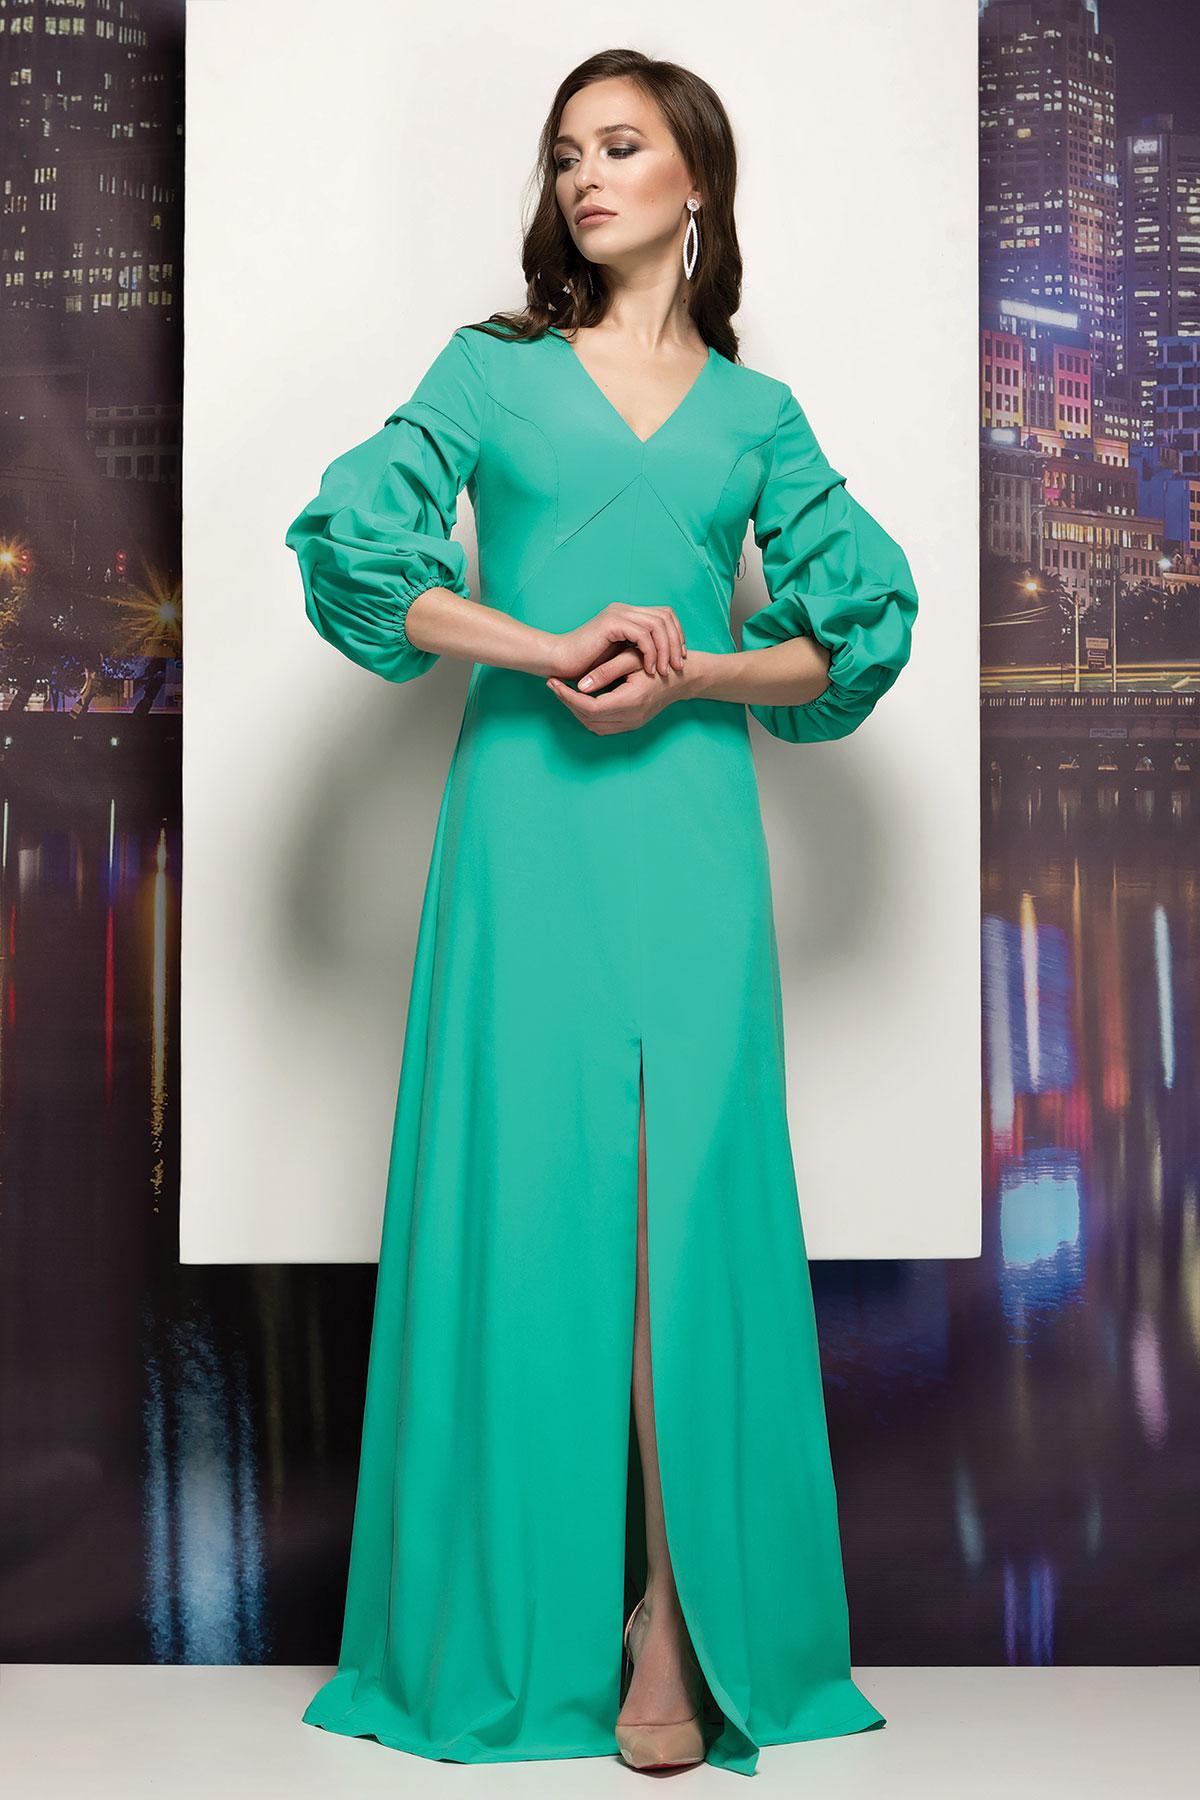 89470b5cf50 Вечернее платье в пол с объемными рукавами. RM1855-18VP оптом